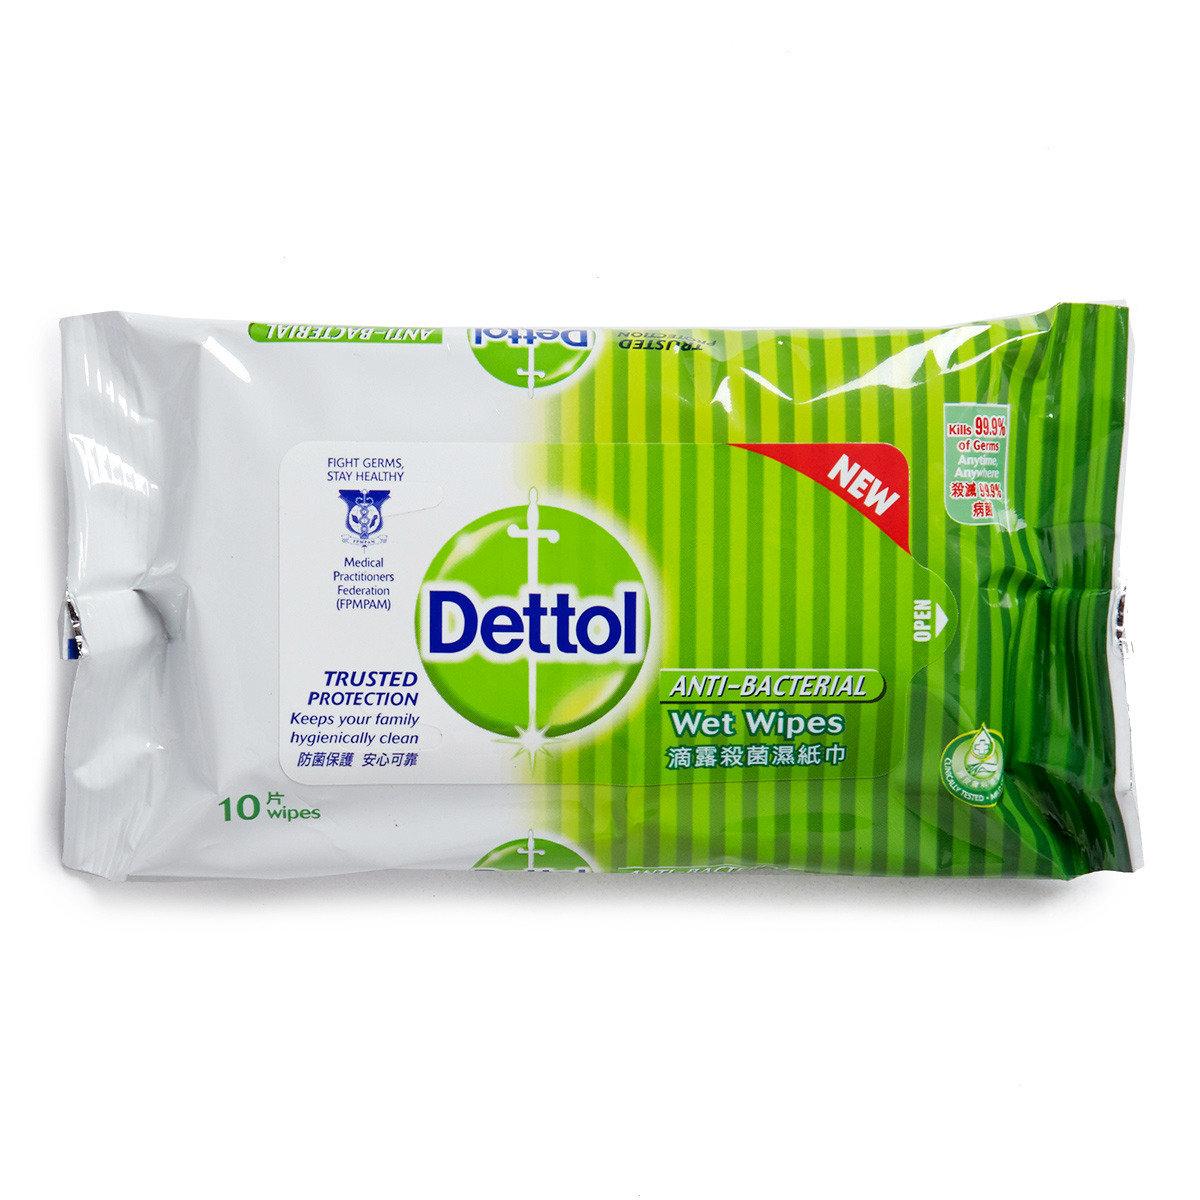 殺菌濕紙巾